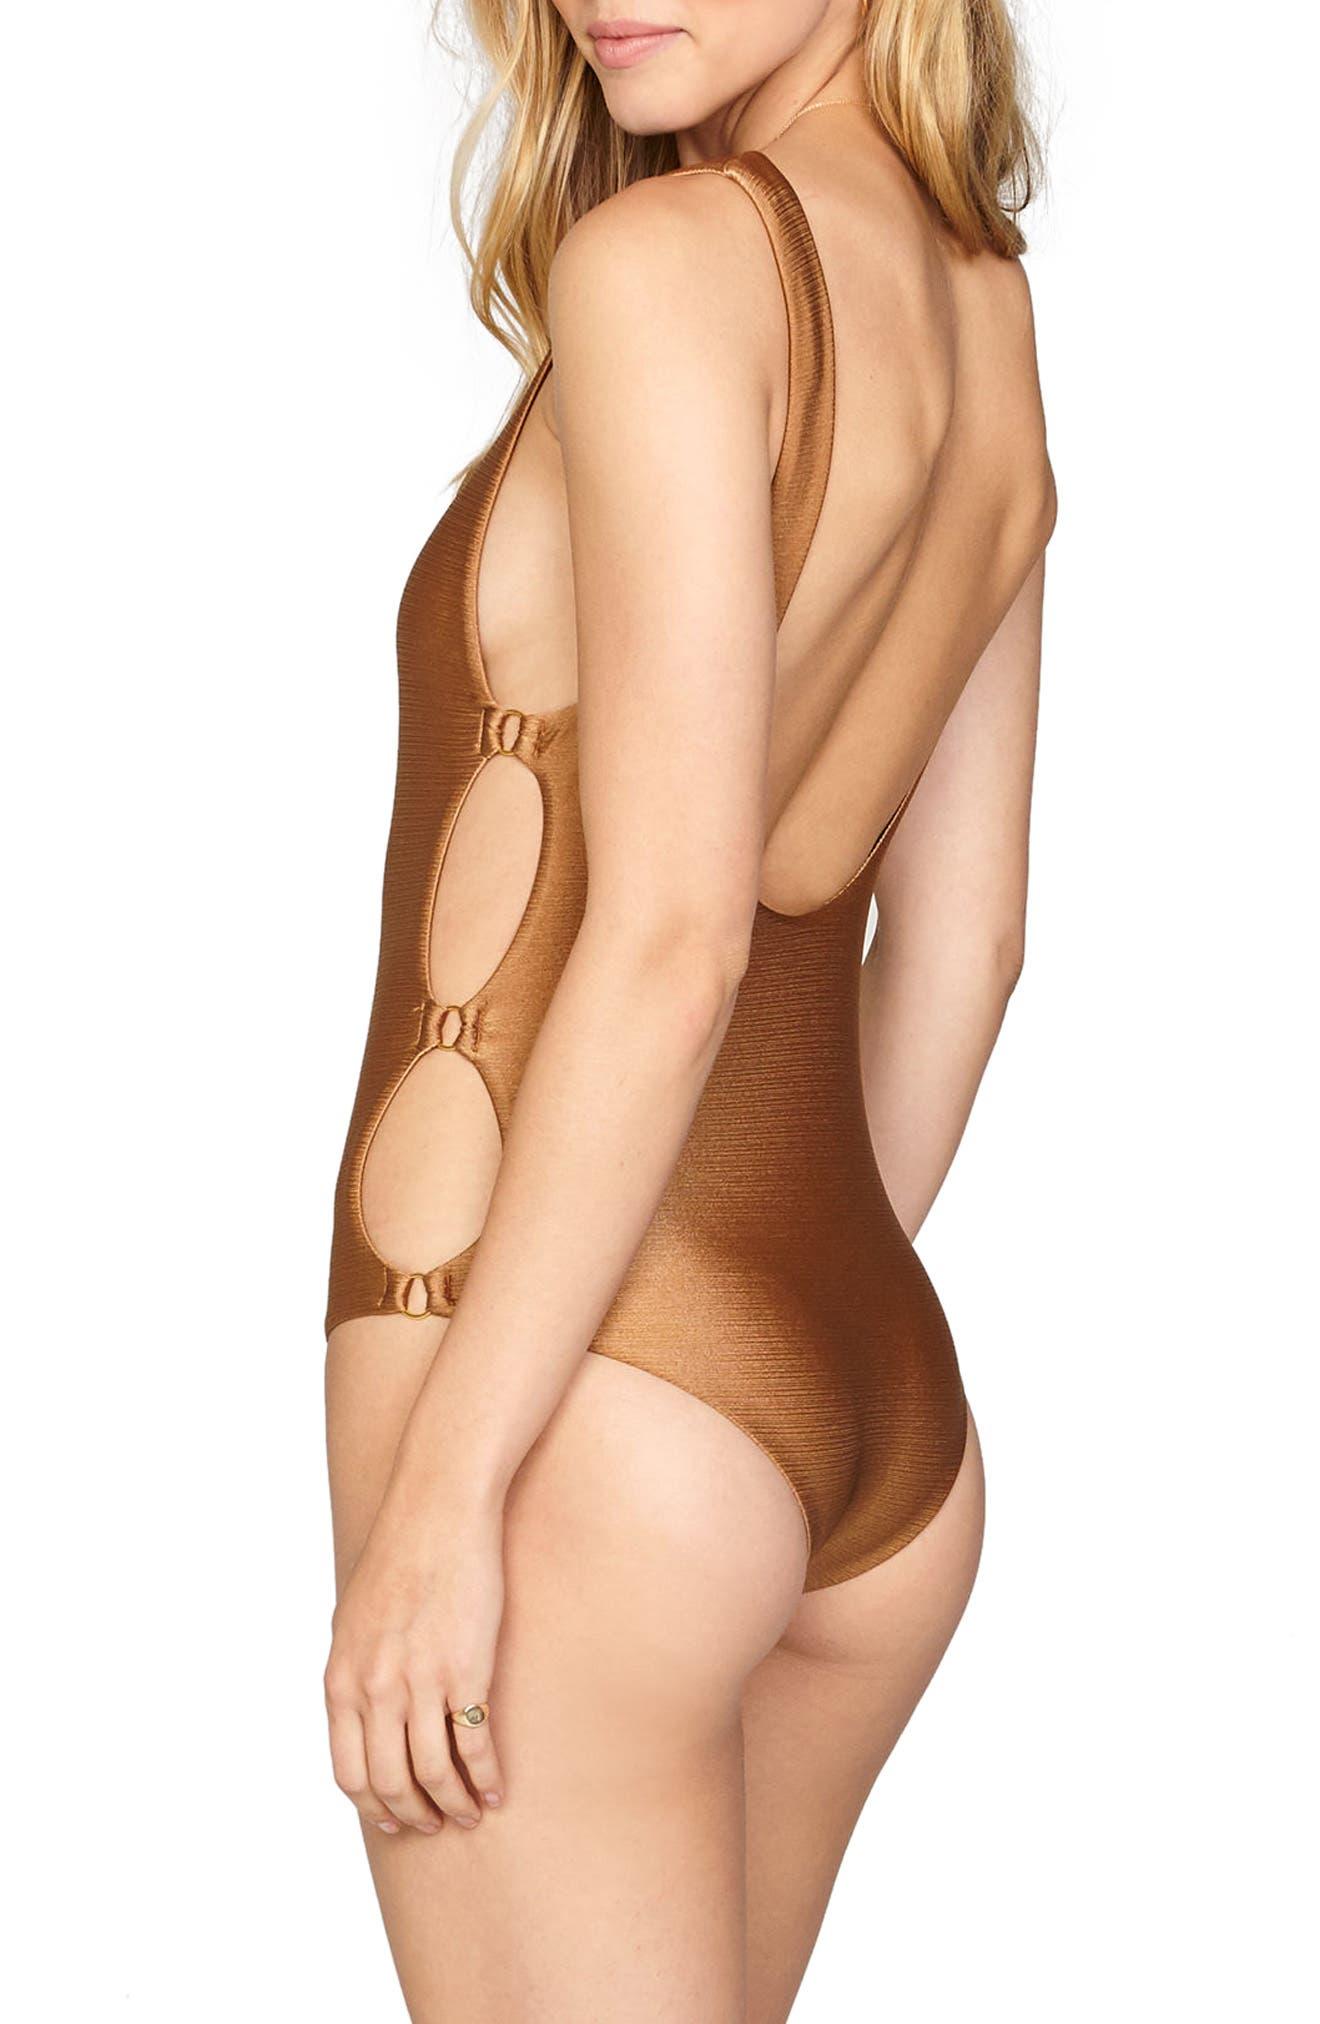 Estelle Cutout One-Piece Swimsuit,                             Alternate thumbnail 2, color,                             200